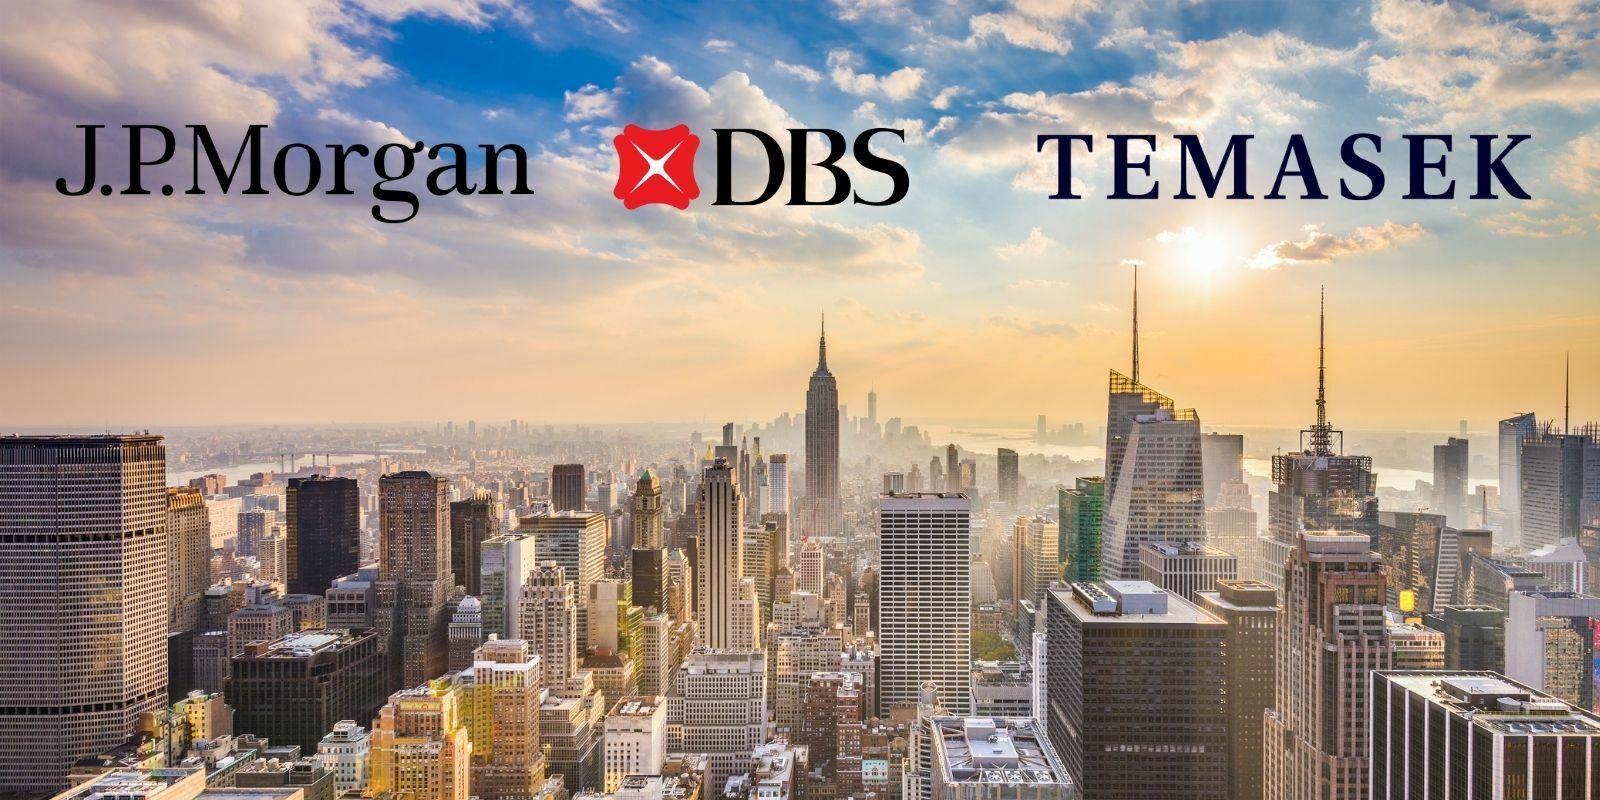 JPMorgan, DBS Bank et Temasek créent une coentreprise de paiements basée sur la blockchain